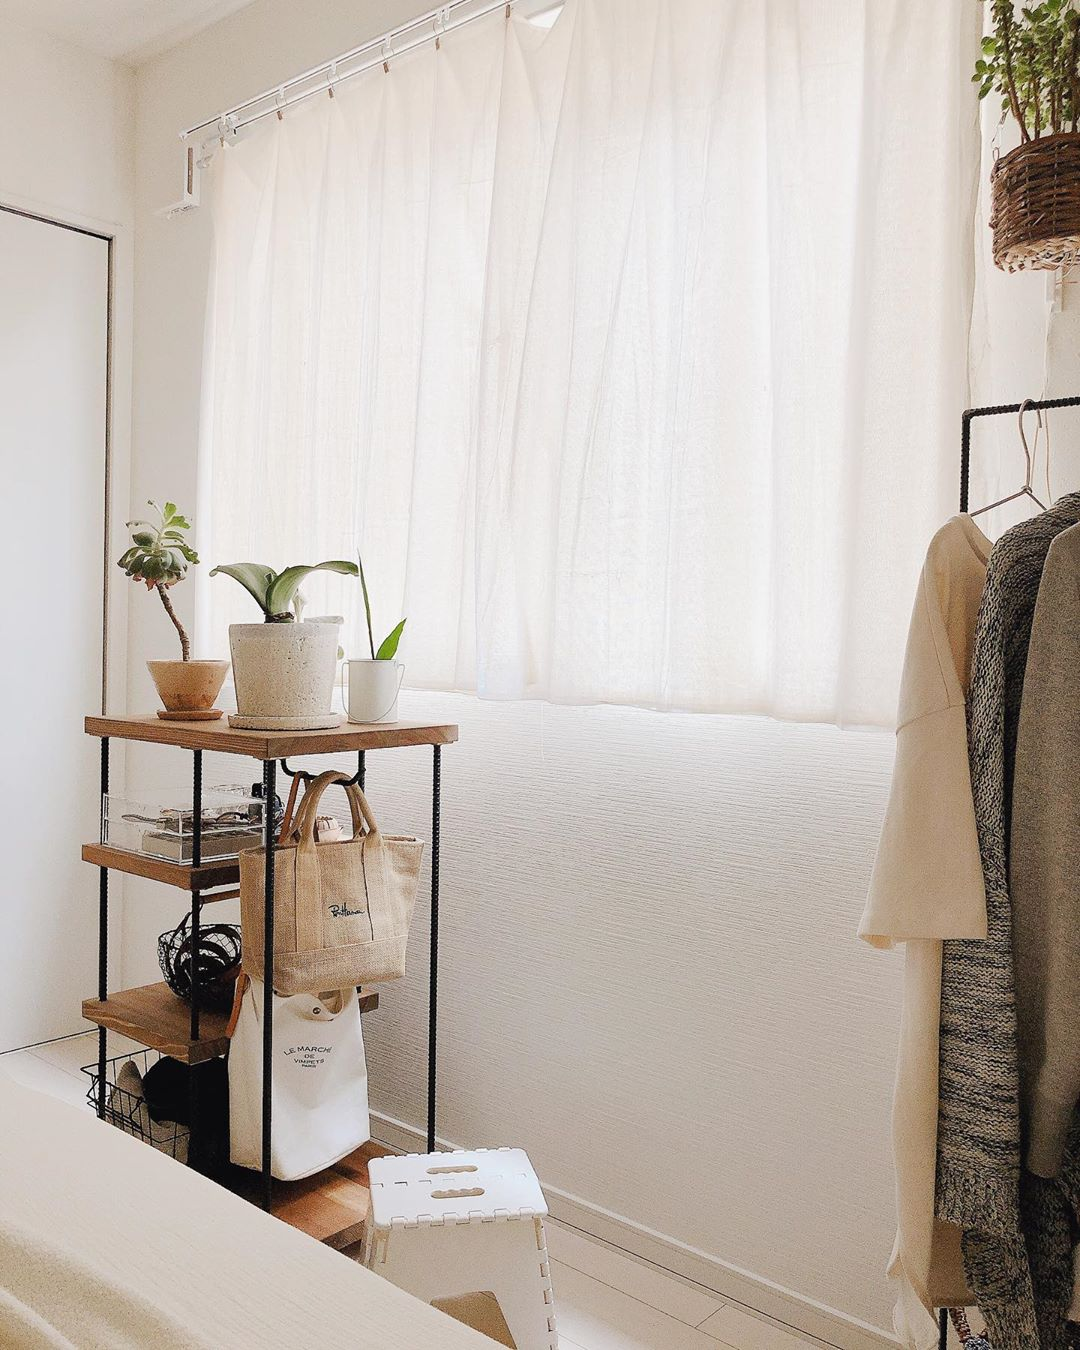 洋服をかけているハンガーラックと、窓際のワゴンは、リビングの棚と同じく作家さんにお願いし作ってもらったもの。何度も打ち合わせを重ねてイメージ通りのものに仕上げてもらった、こだわりのものです。